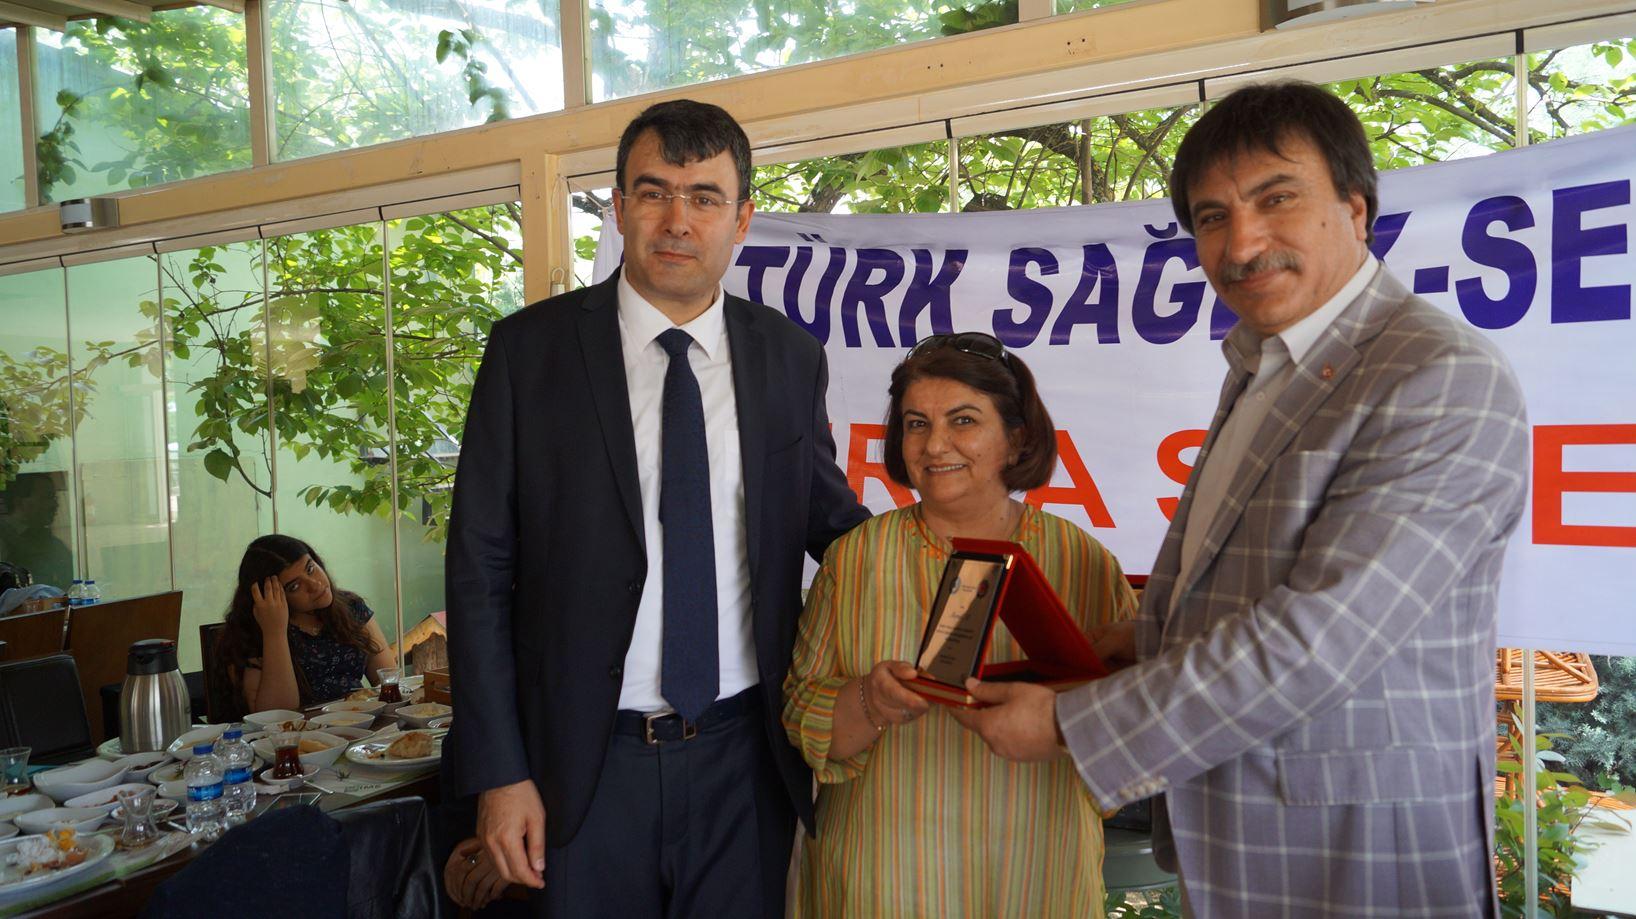 Bursa Şubemizin düzenlediği hemşireler ve anneler günü etkinliğine Genel Başkan Yardımcılarımız İsmail Türk ve Ümit Turhan katıldılar.